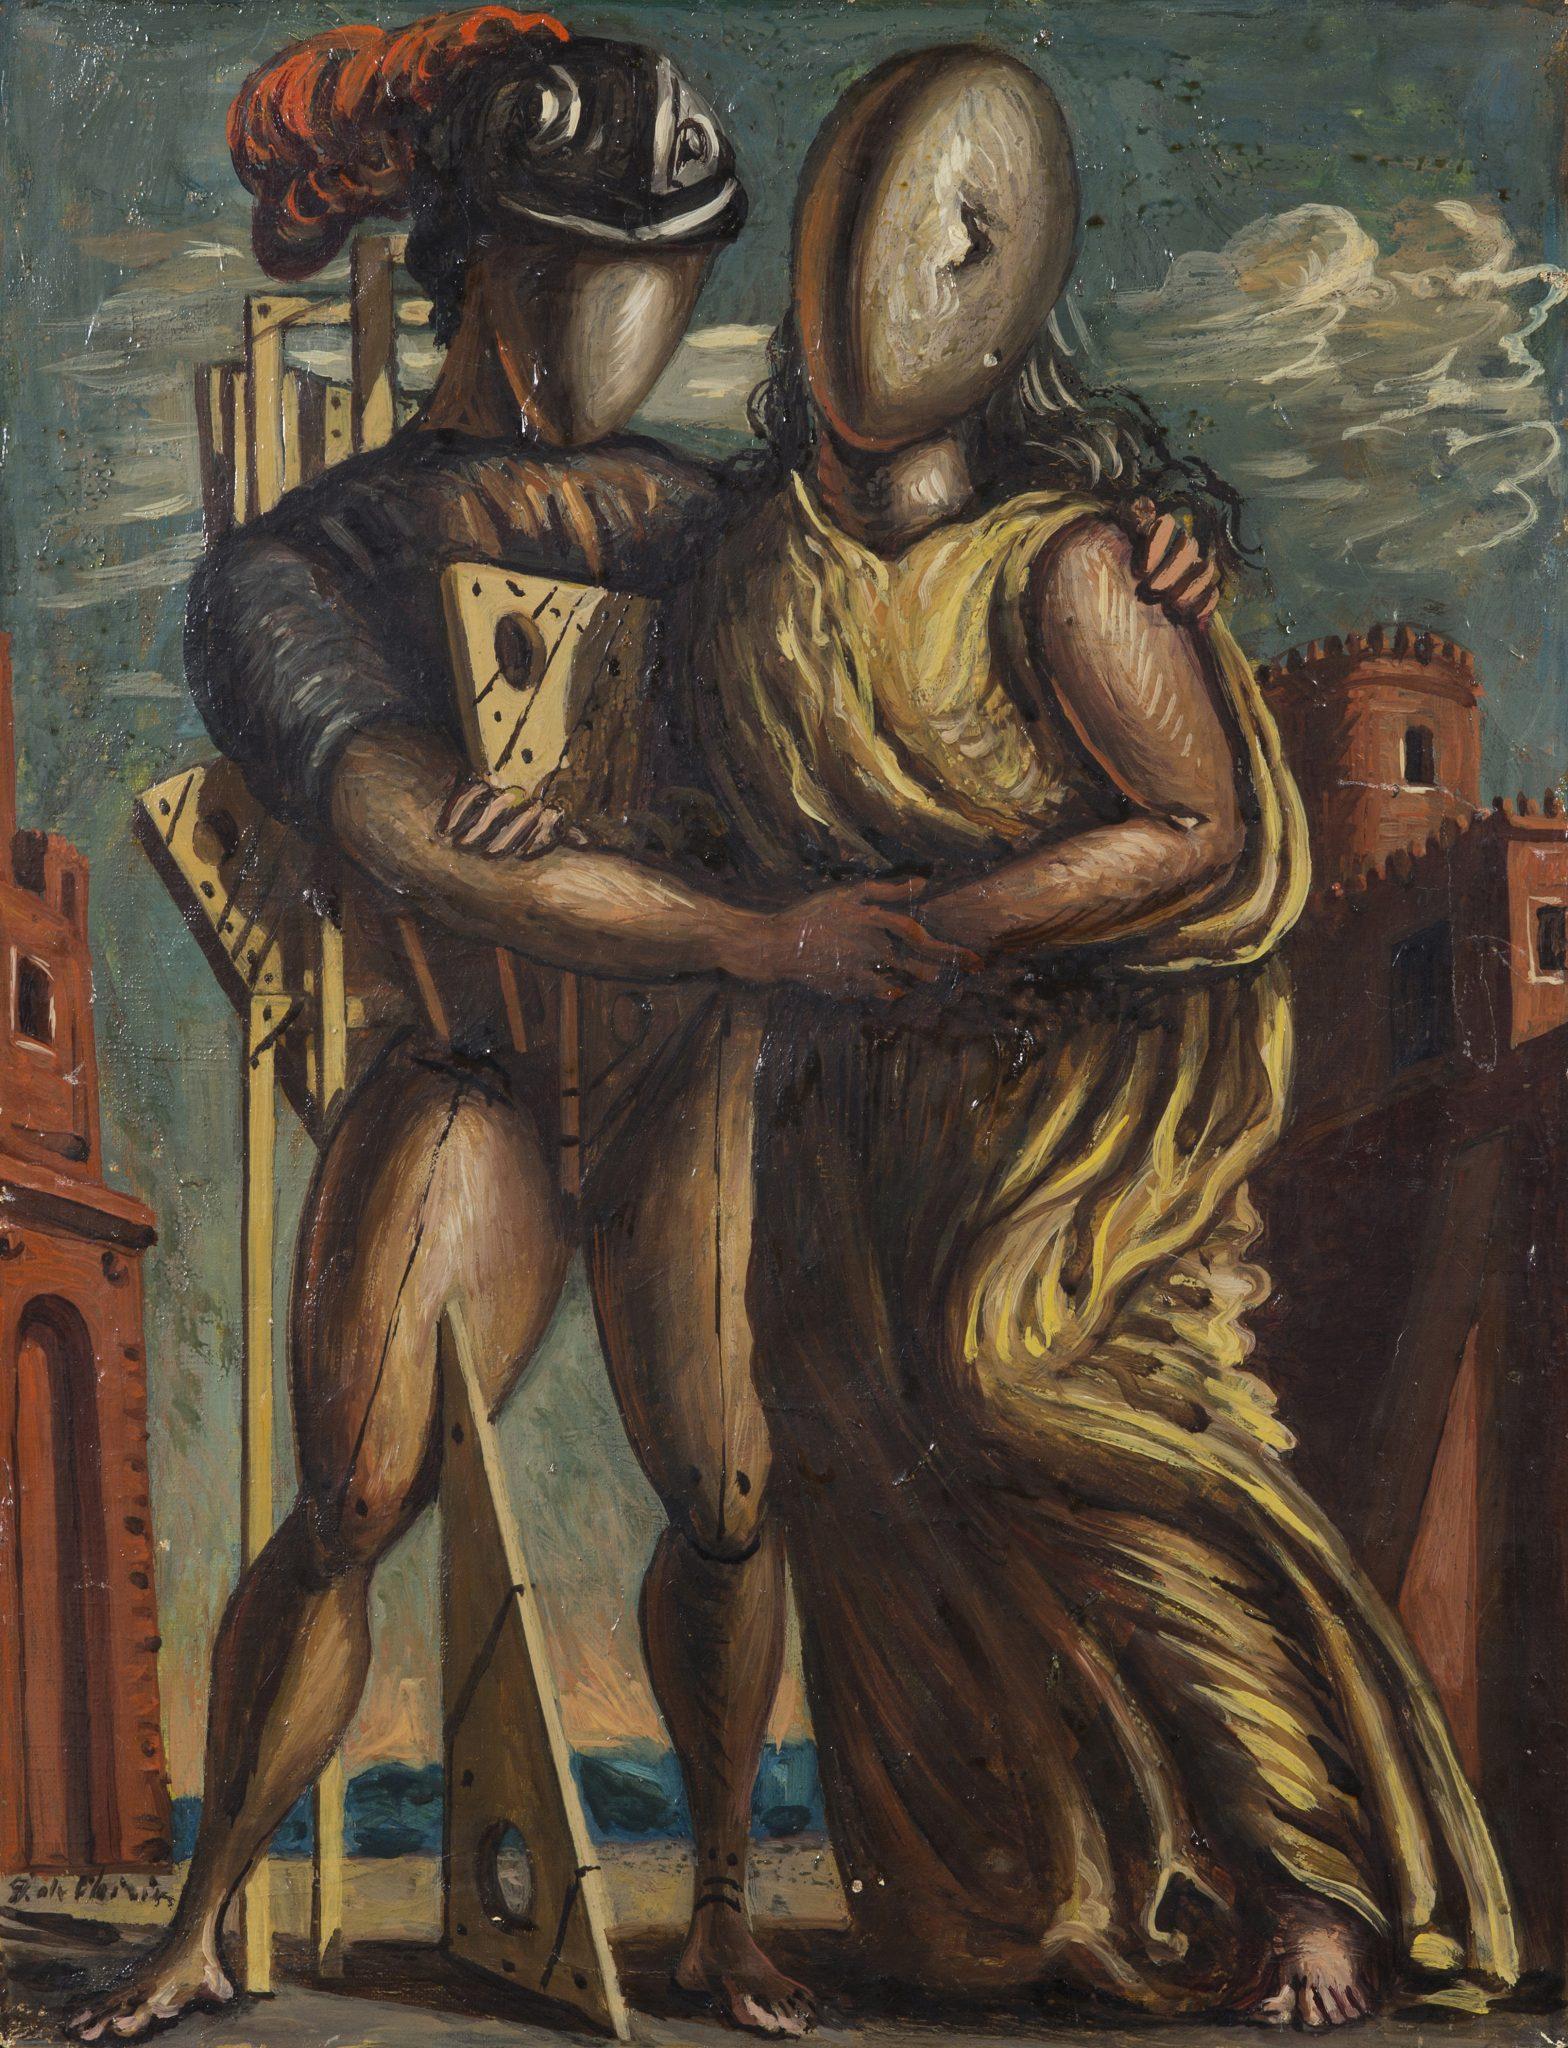 Lotto 314 (170747) Giorgio De Chirico (1888-1978) Ettore e Andromaca, 1955 olio su tela, cm 45x35 Stima € 230.000-280.000